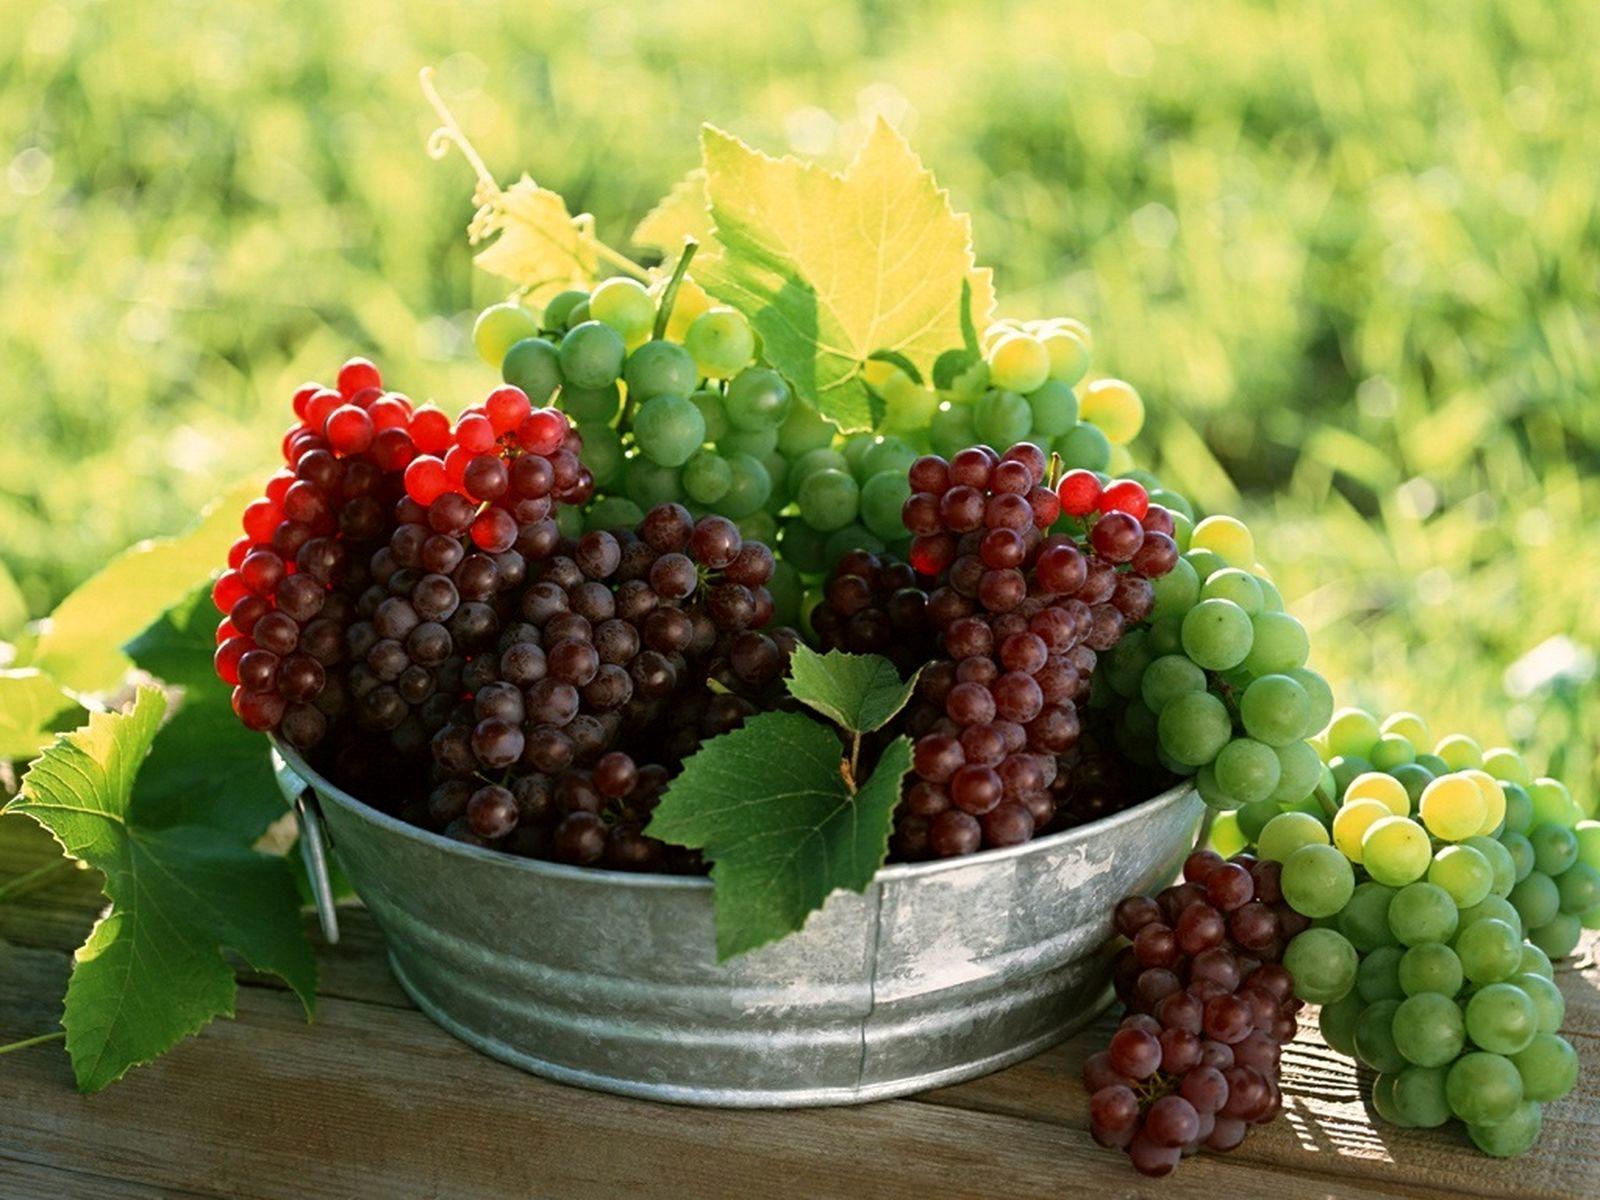 انگور بخورید تا آلزایمر نگیرید